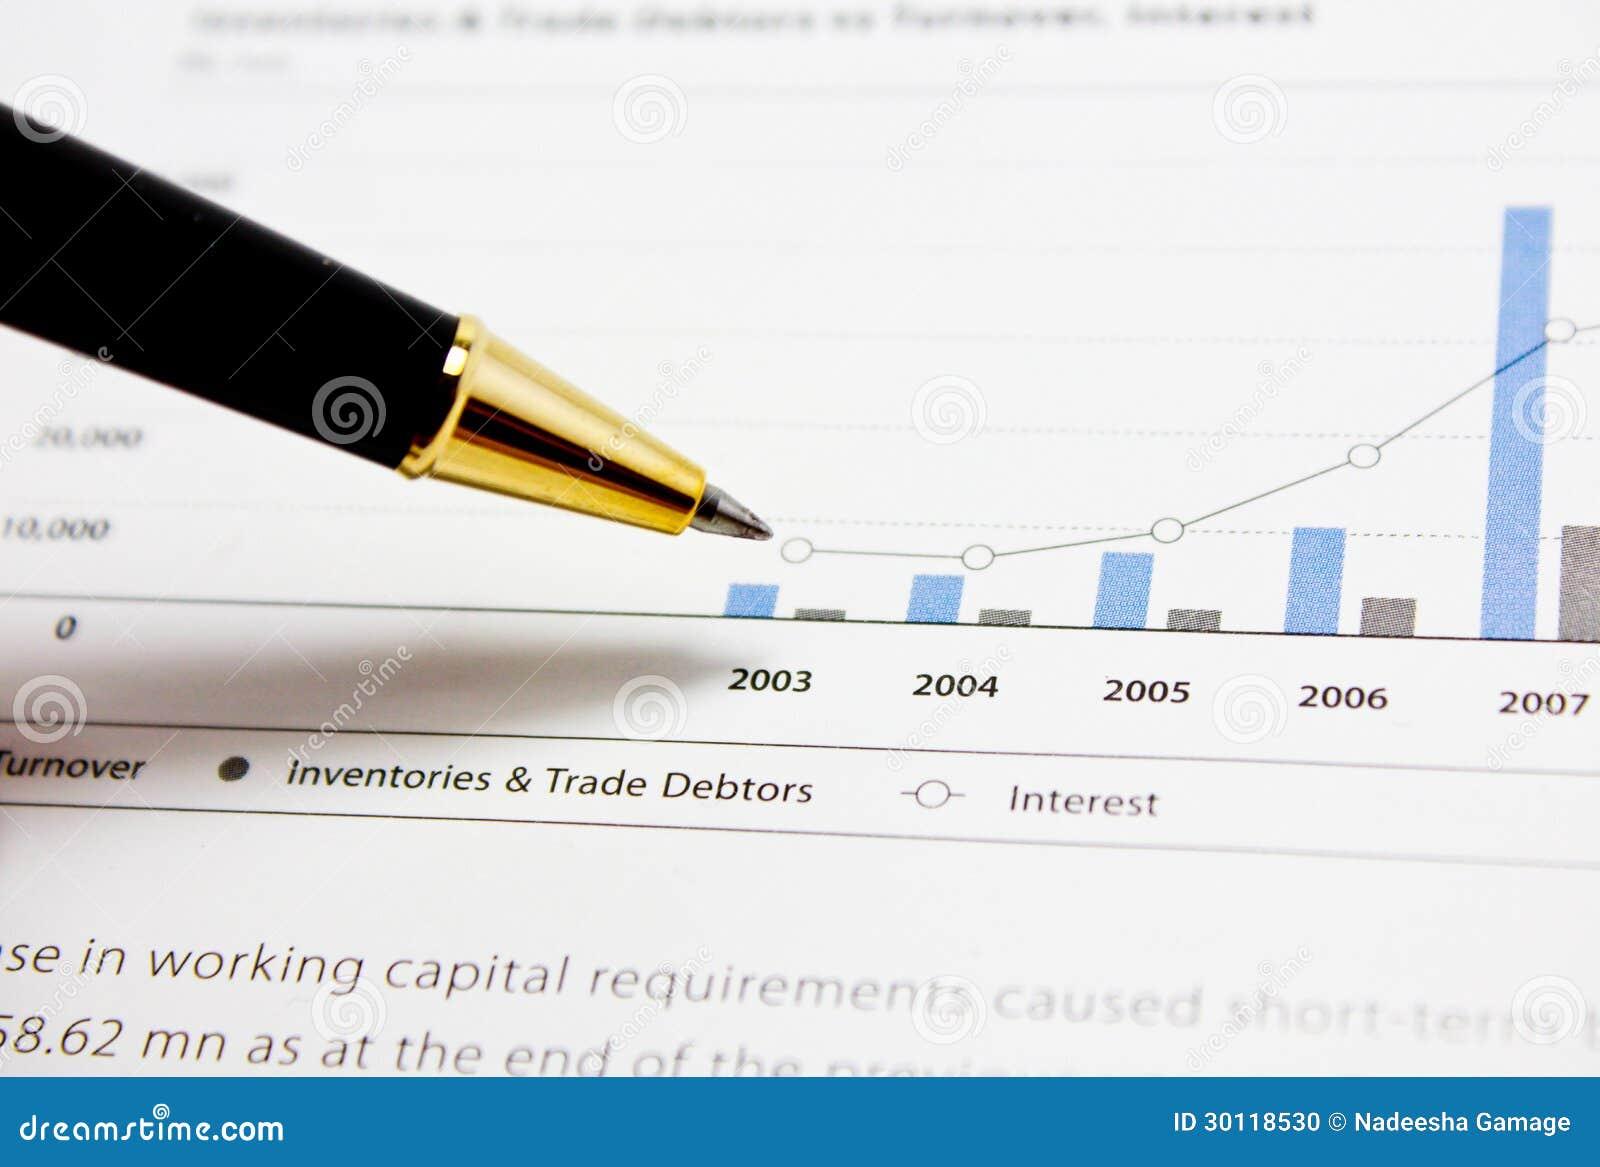 Marktanalyse stockfoto. Bild von buchhaltung, revidierung - 30118530